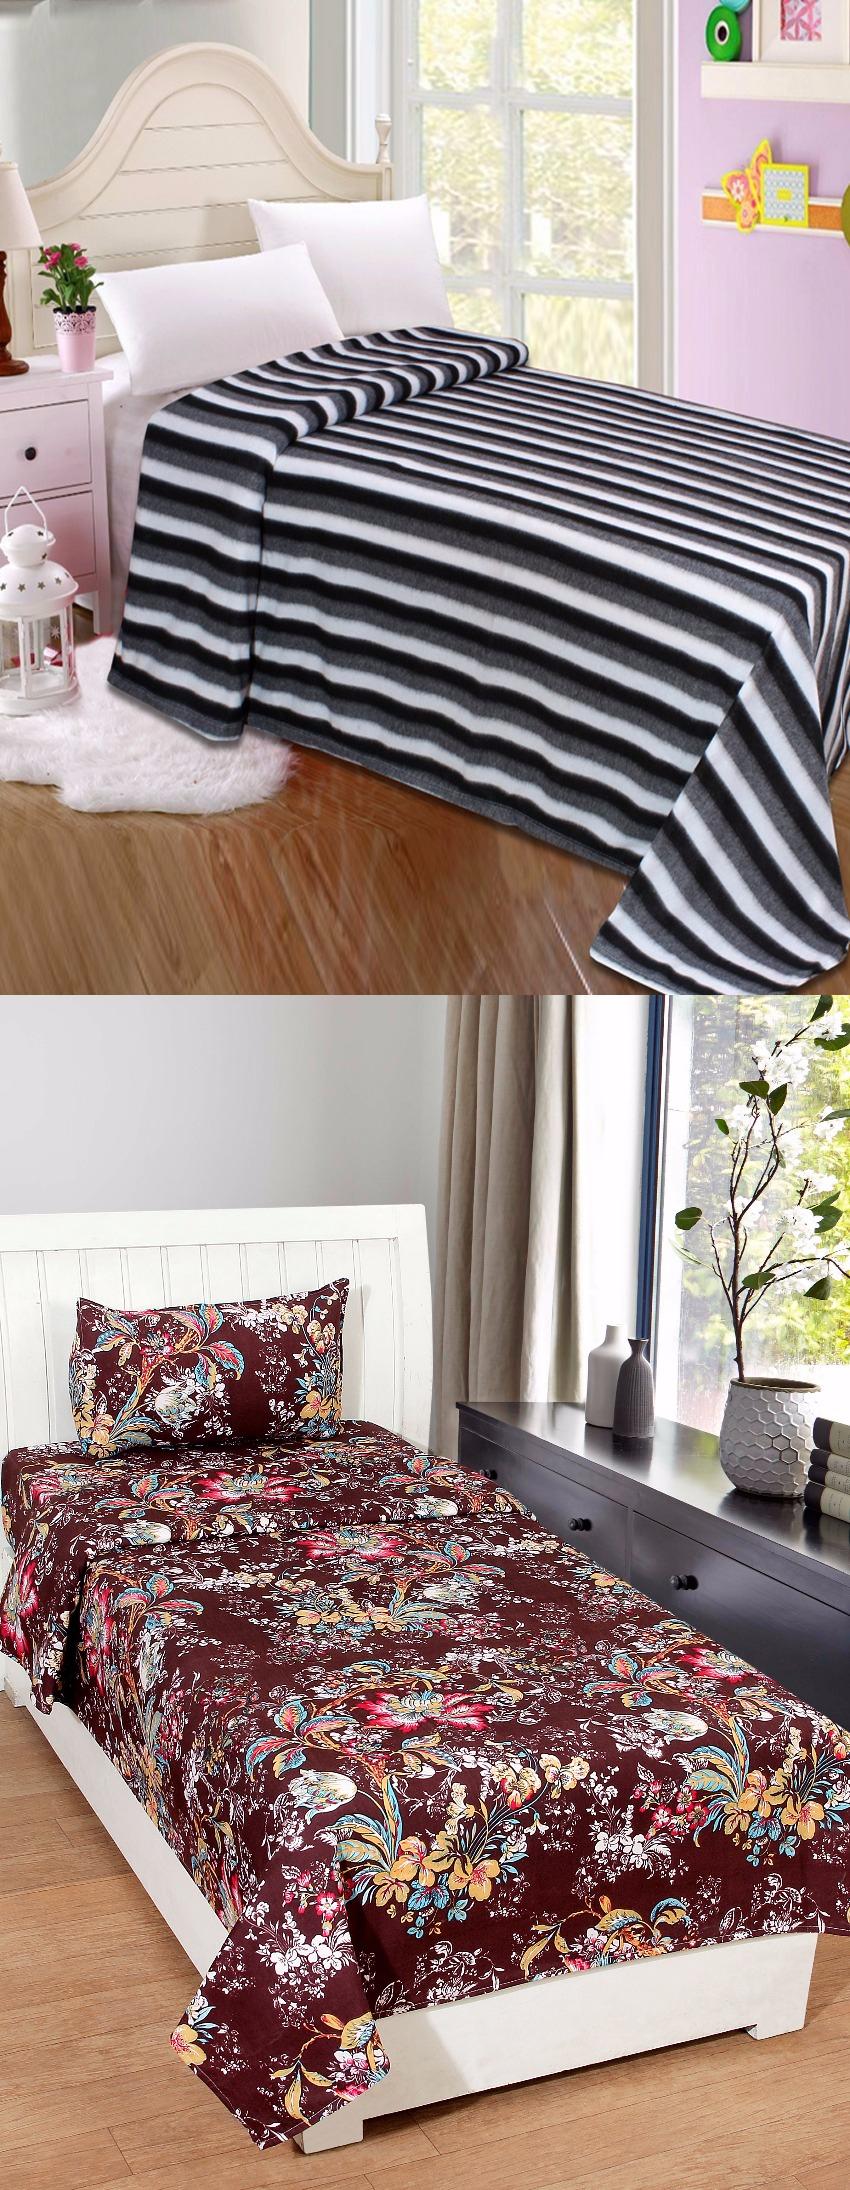 BSB Trendz Bedding Combo(1 Fleece Blanket+ 1 Bedsheet)